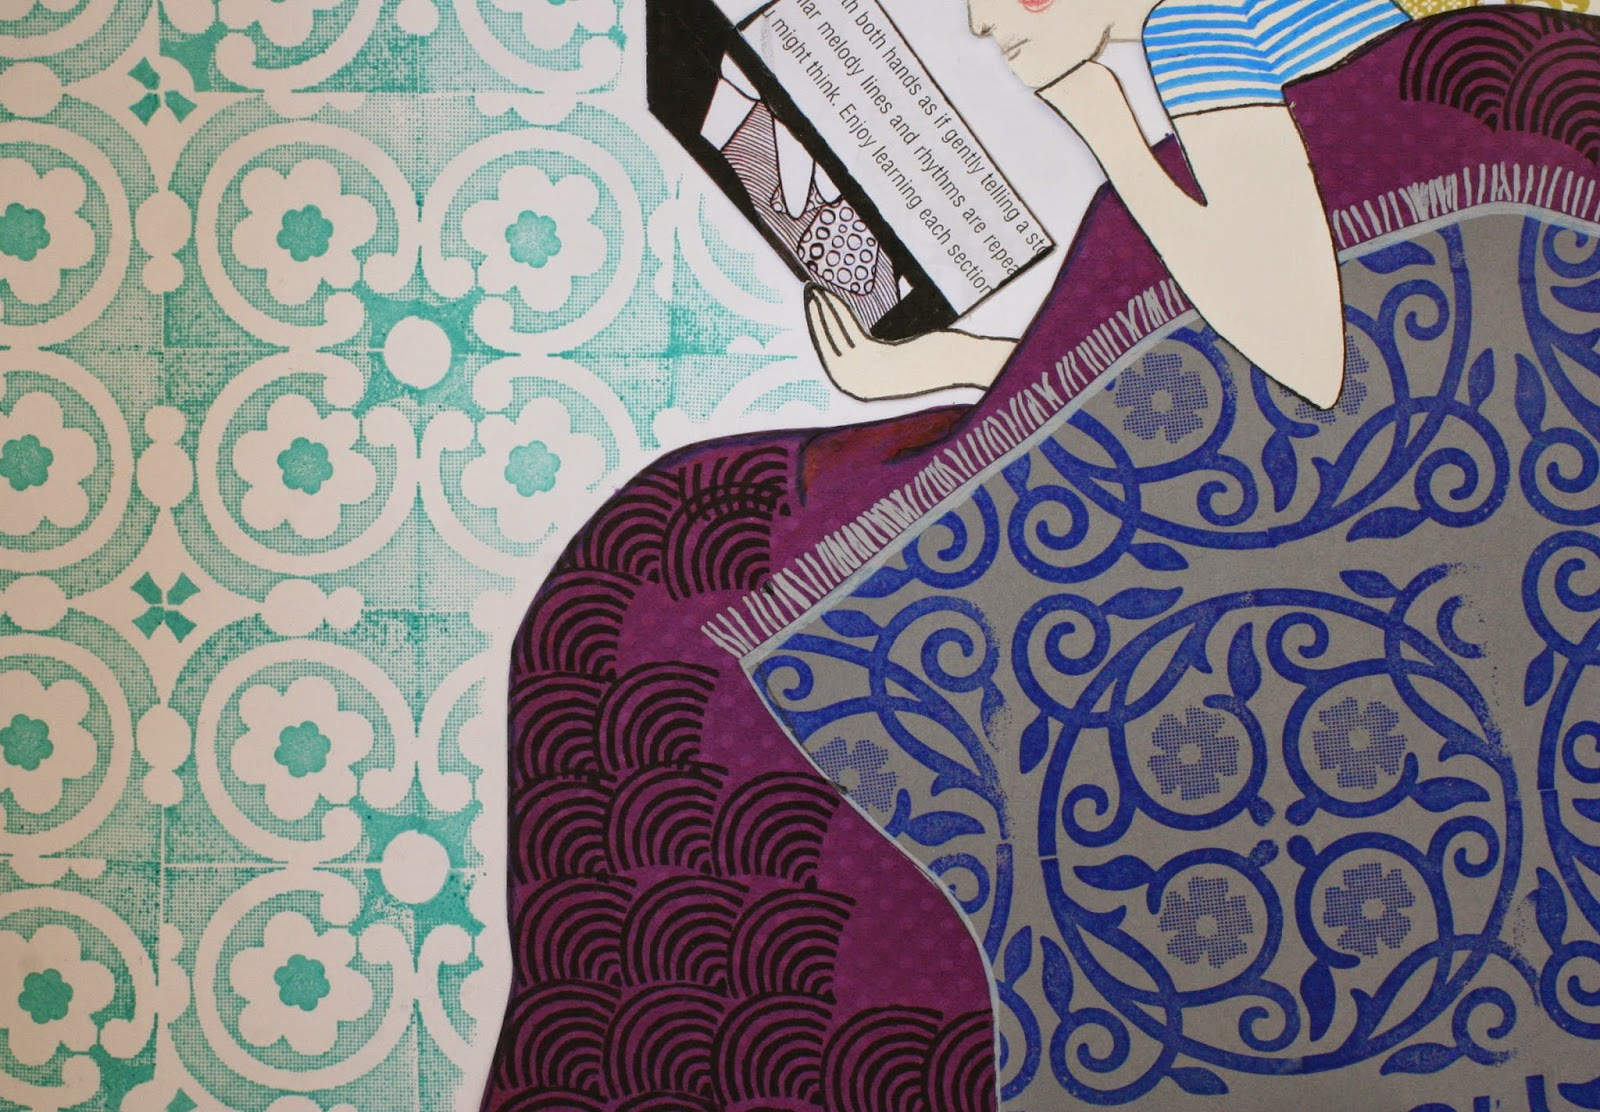 bazarette dimanche pluvieux collage heureux. Black Bedroom Furniture Sets. Home Design Ideas